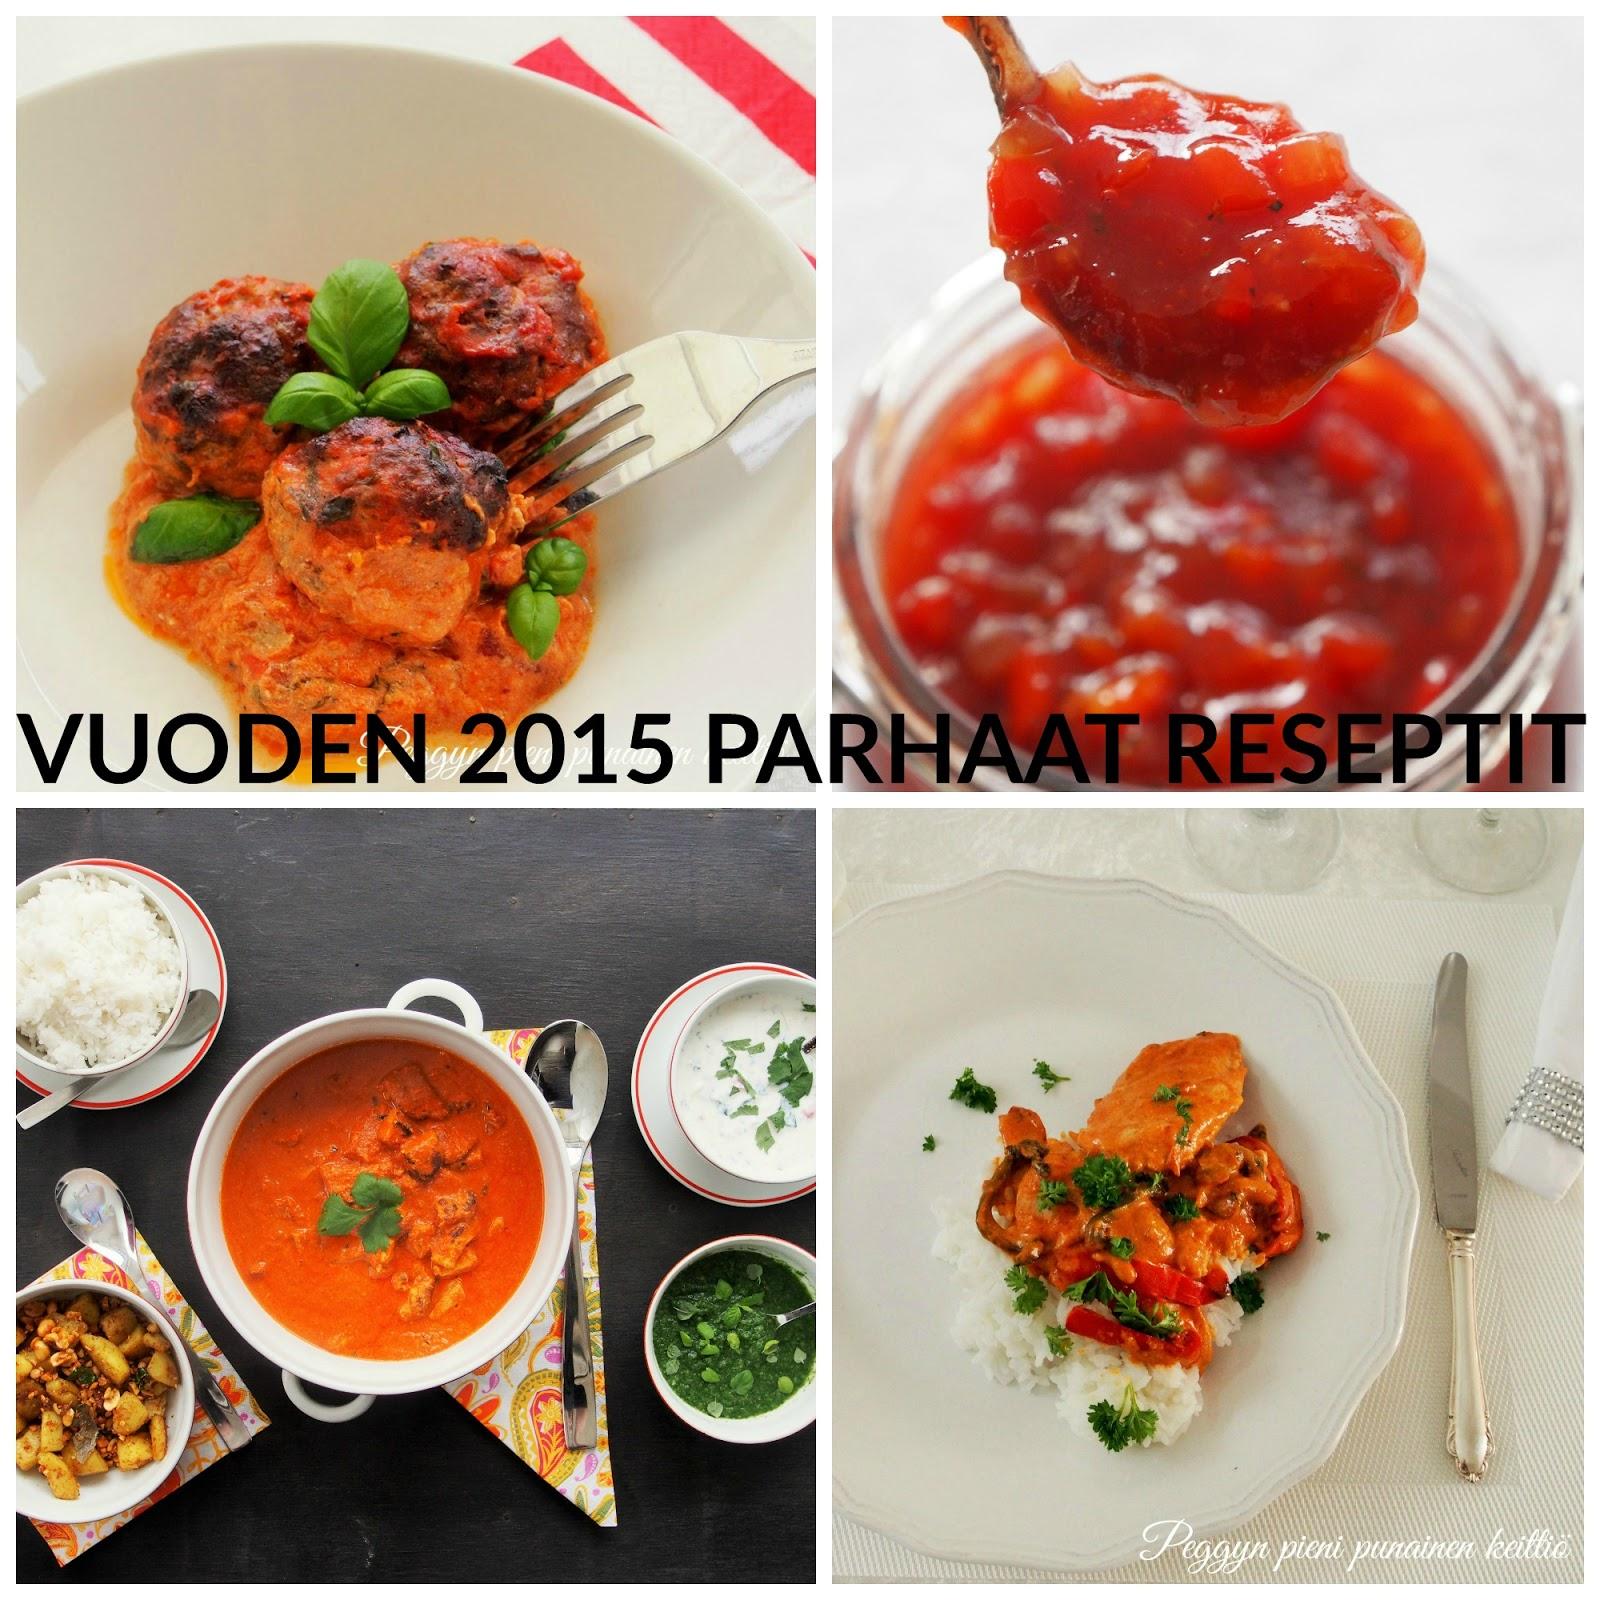 Vuoden 2015 parhaat reseptit  Peggyn pieni punainen keittiö